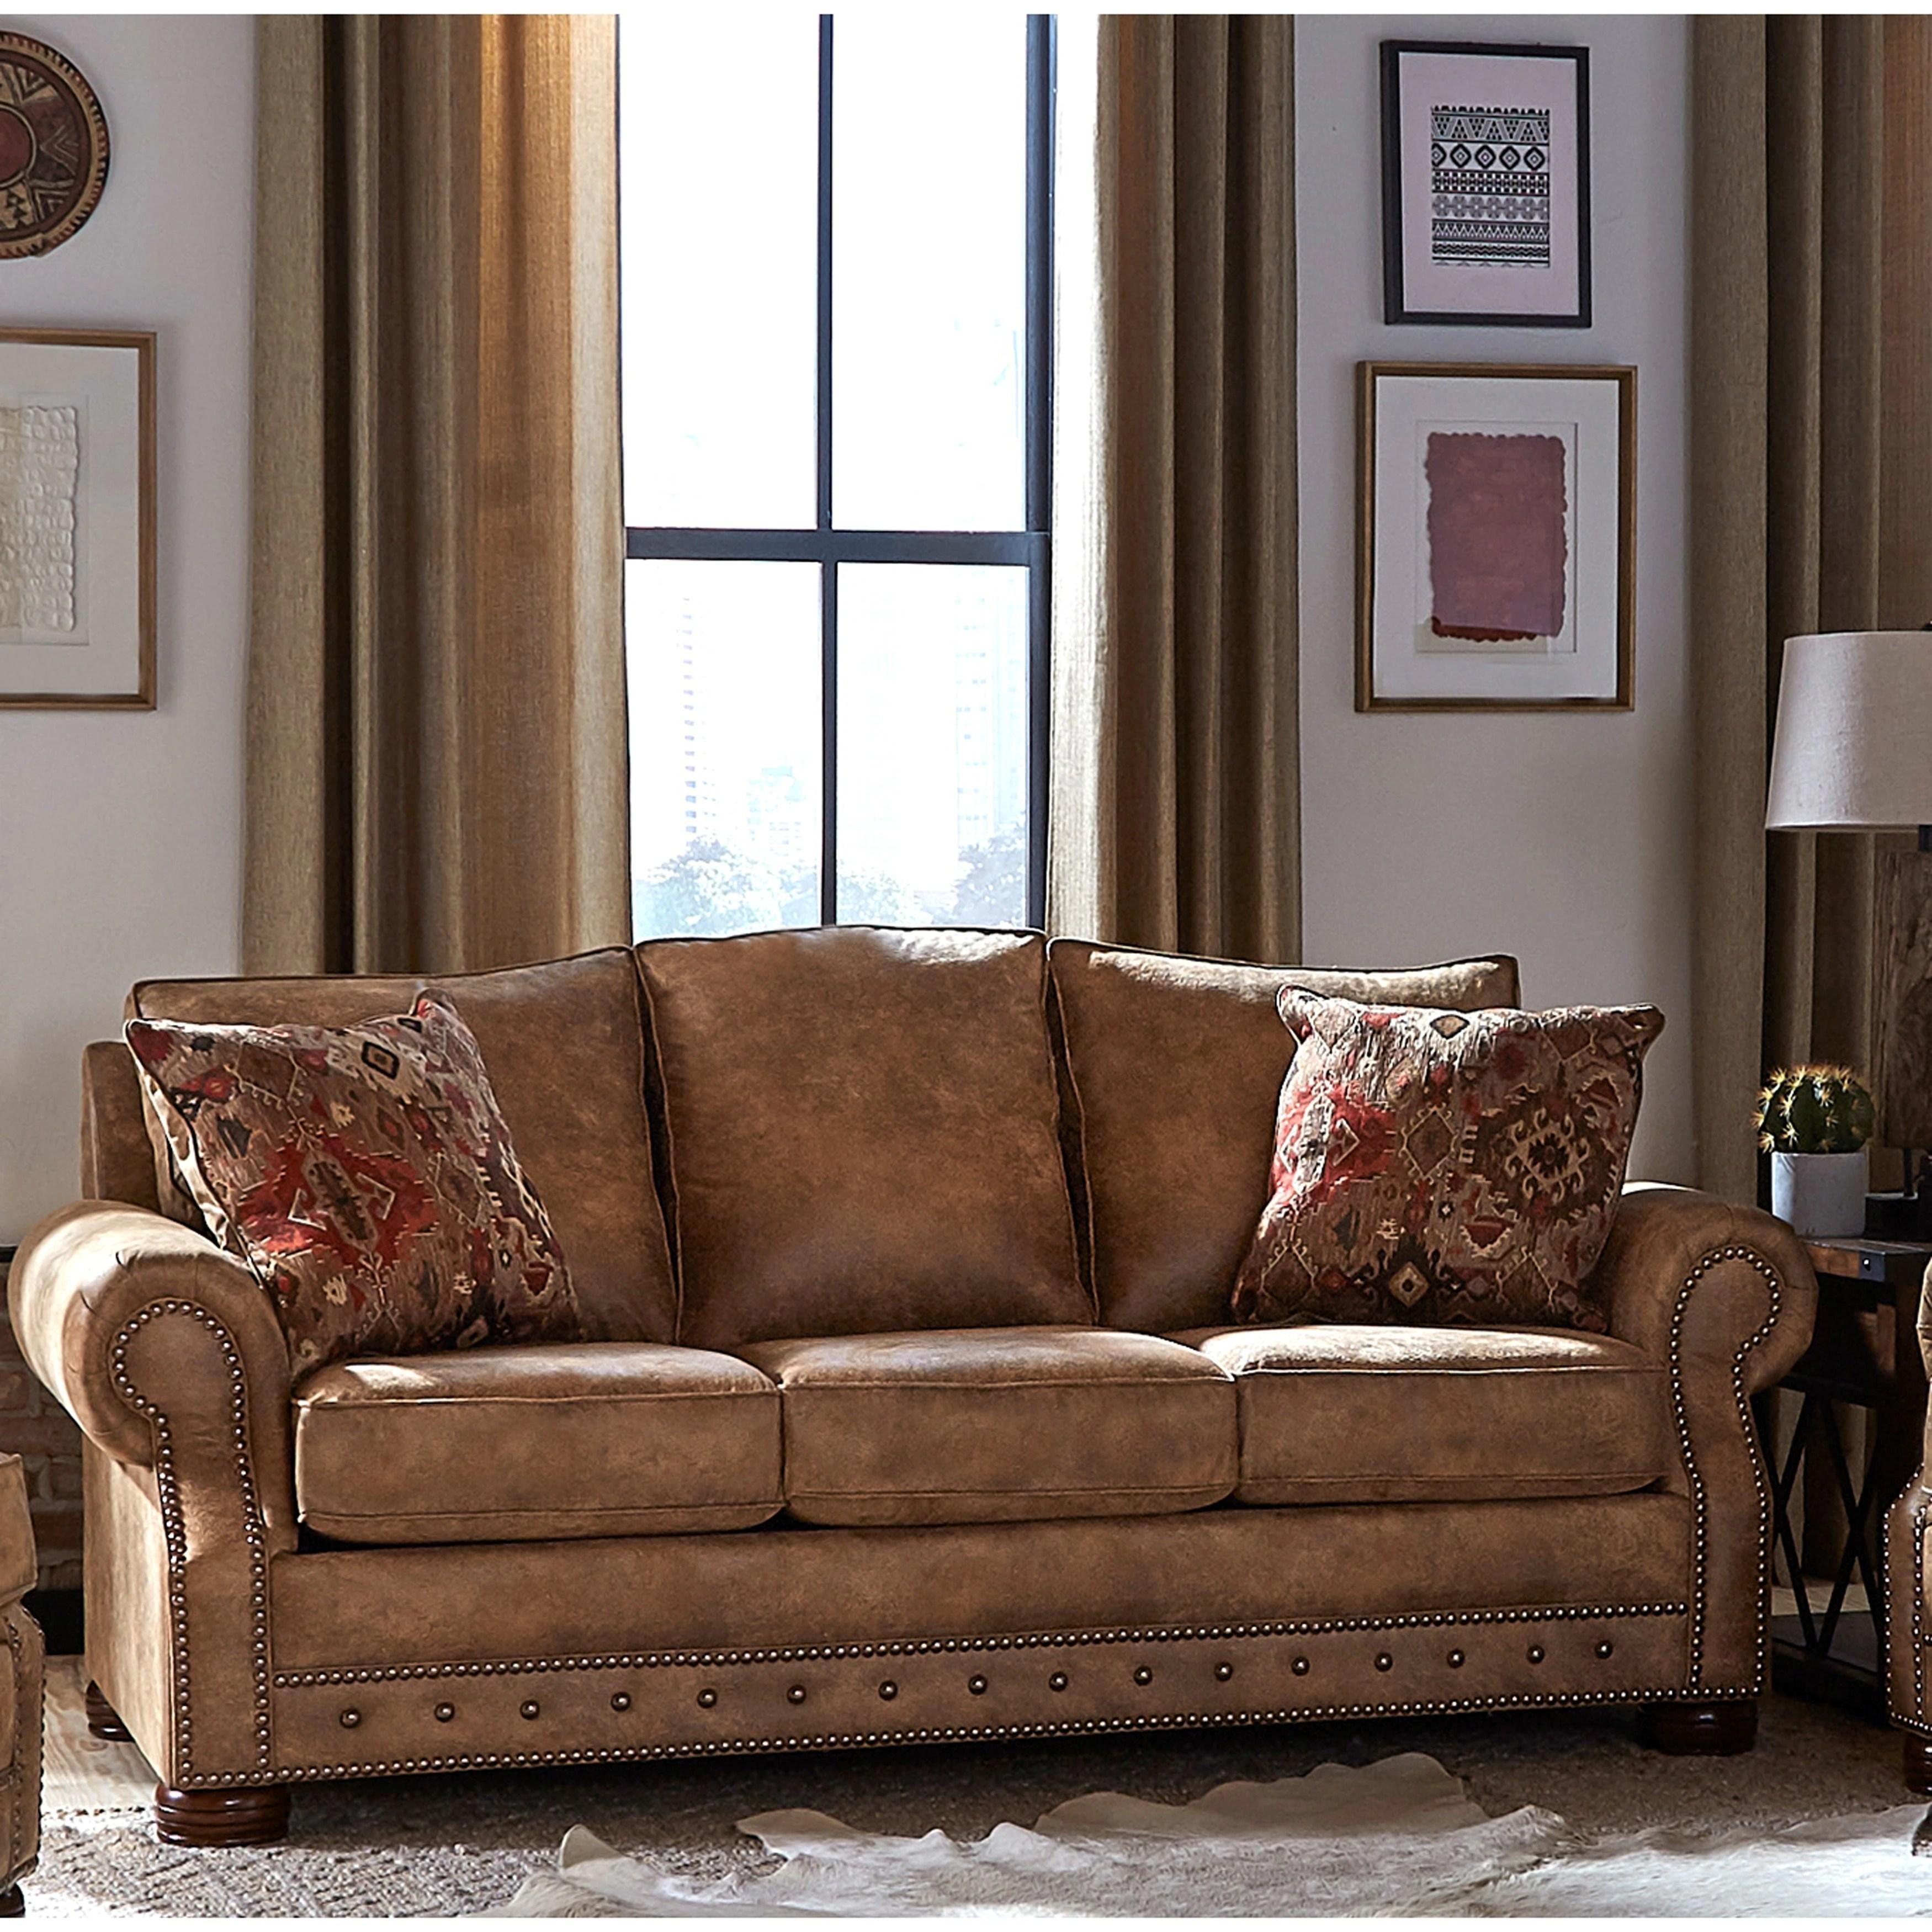 made in usa rancho rustic brown buckskin fabric sofa bed 37 x 86 x 40